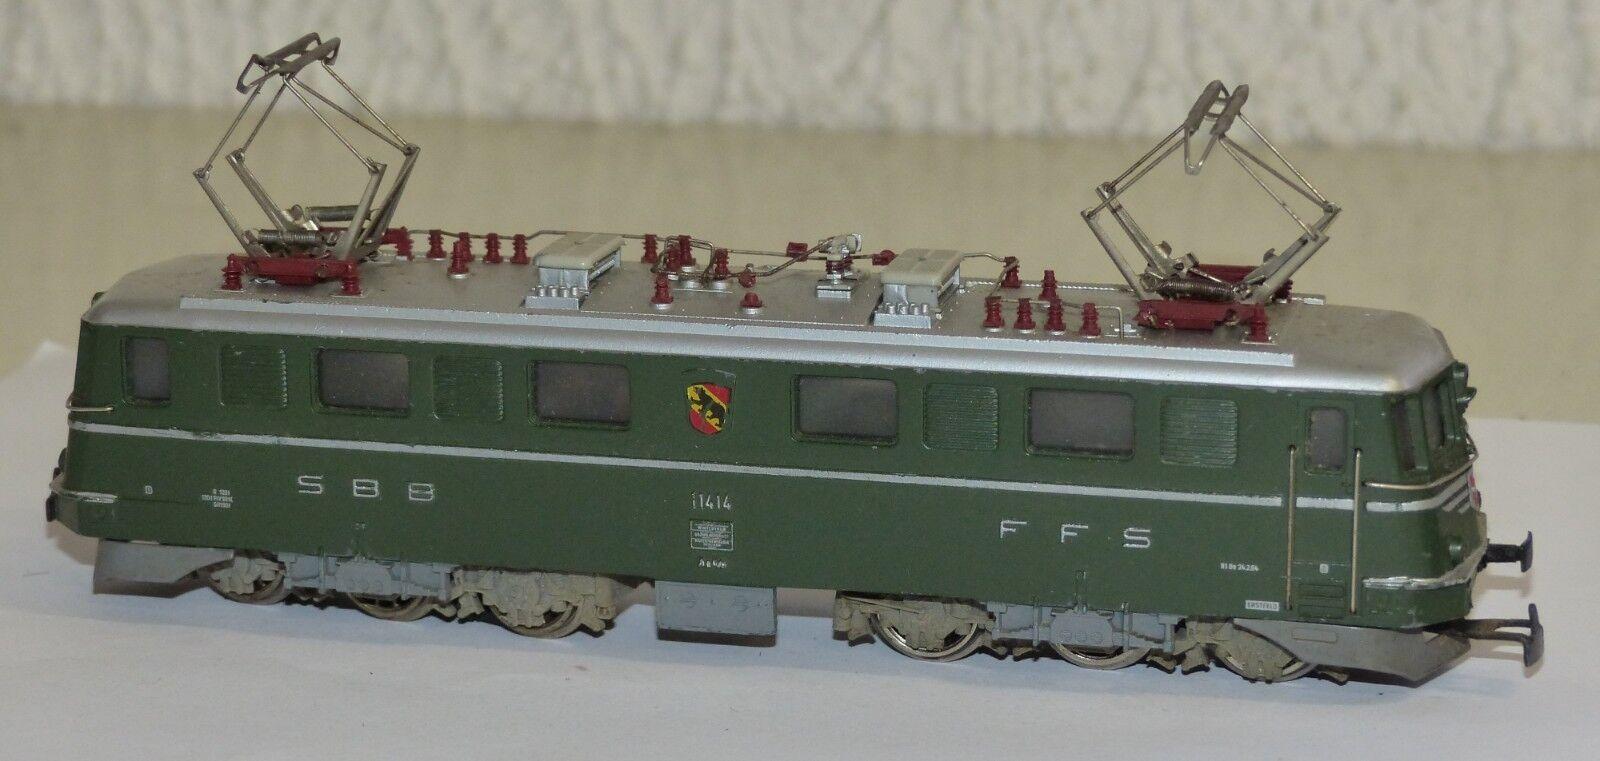 3050 E-Lok AE 6/s SBB Verde Berna STEMMA h0 1:87 in ghisa ca vs 1